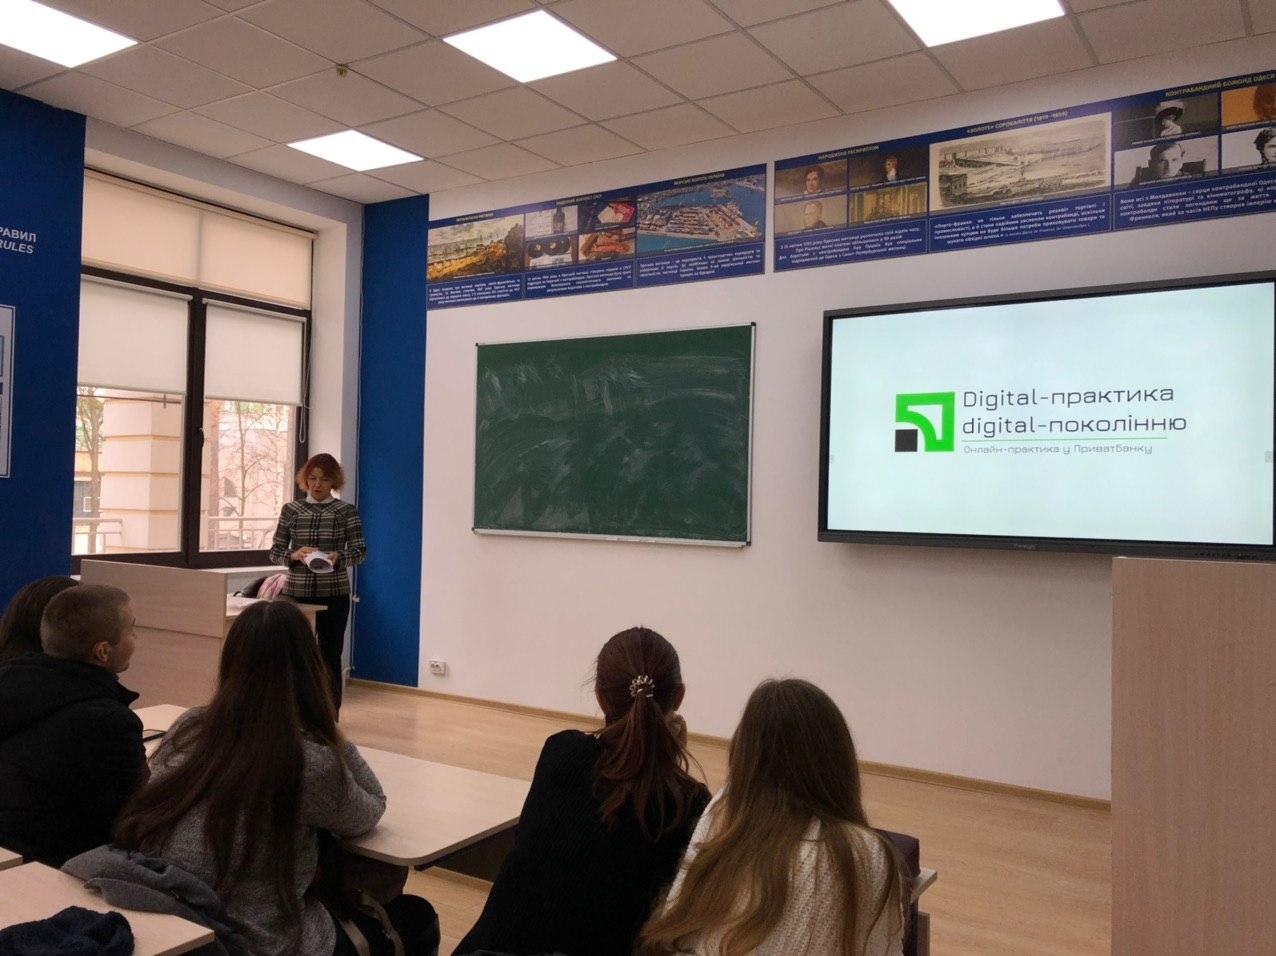 Зустріч з керівництвом Київського Головного регіонального управління АТ КБ «Приватбанк»